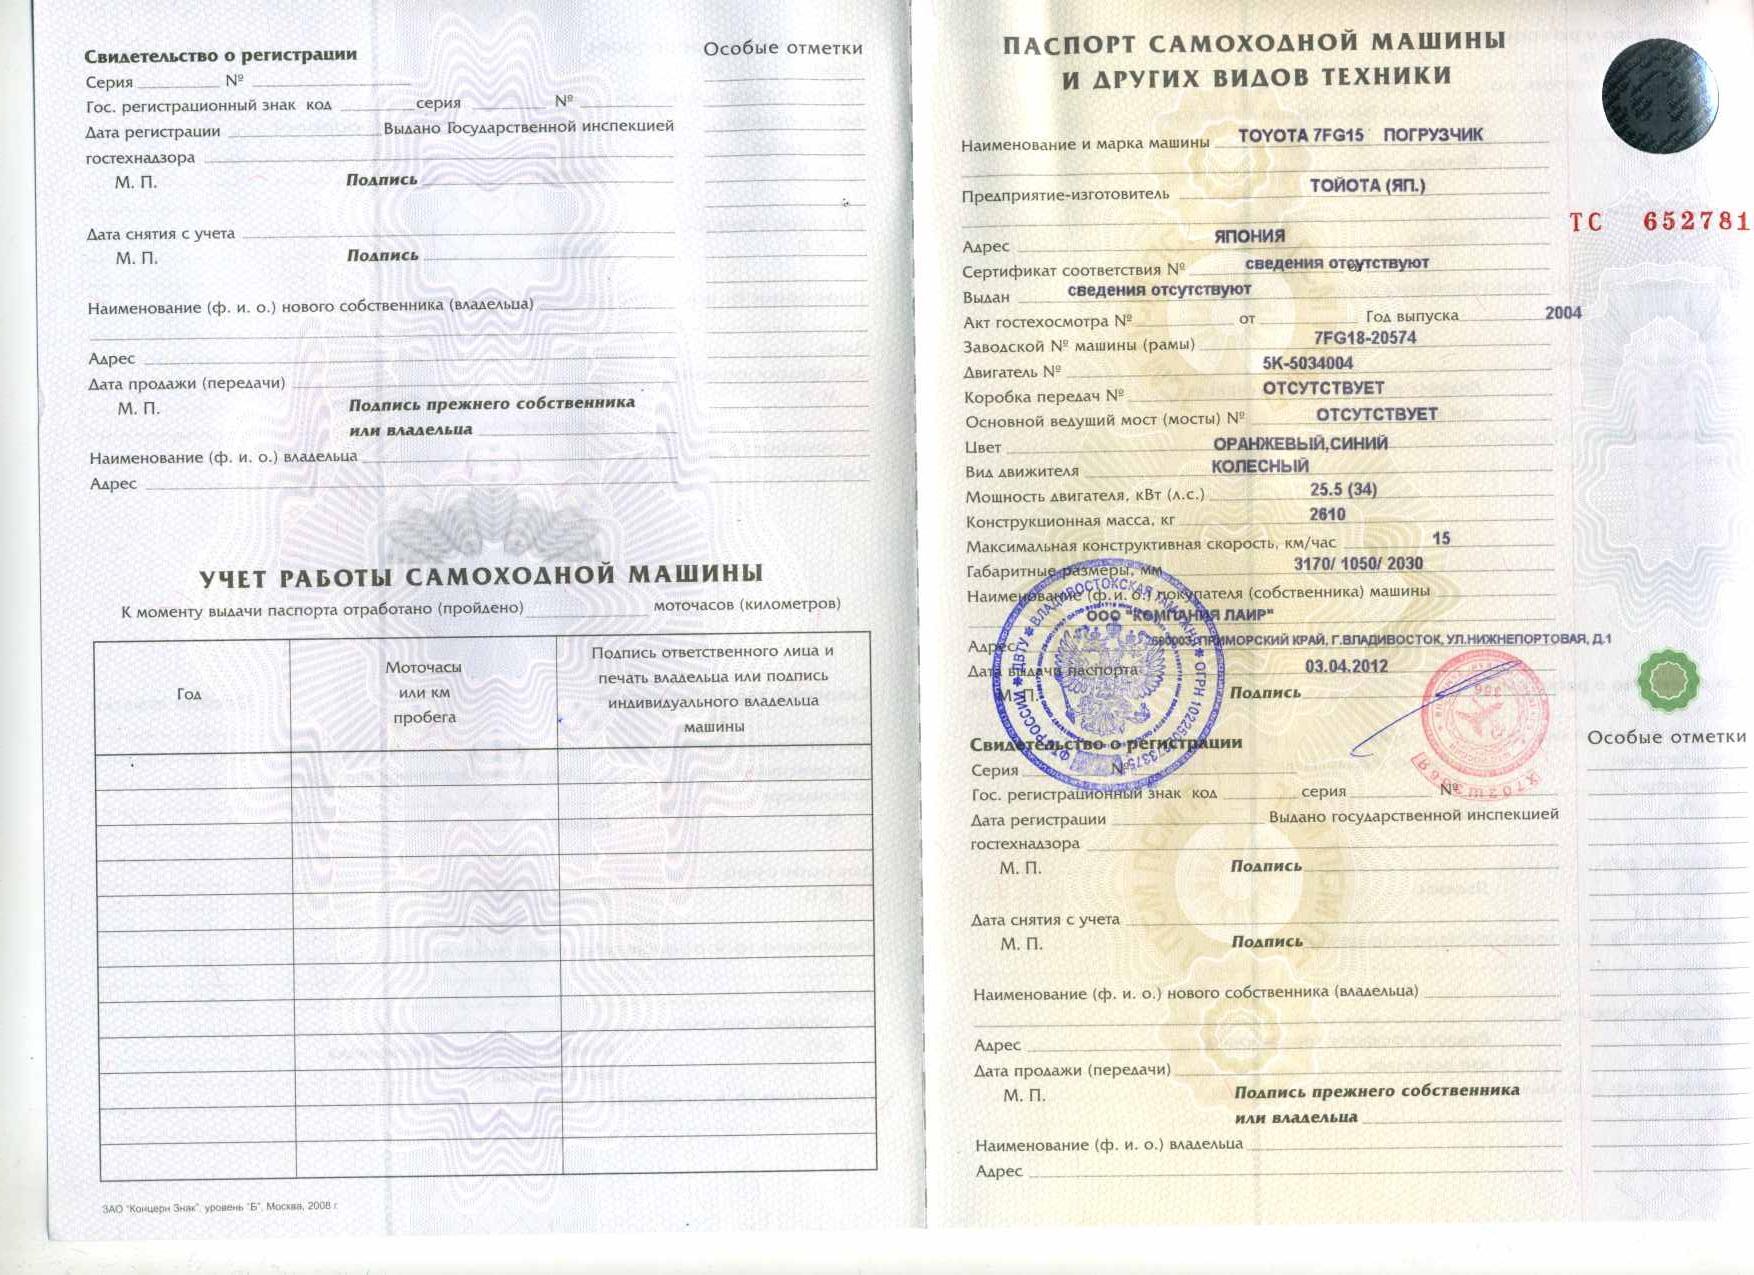 Информационно-справочный портал Беларуси - interfax.by